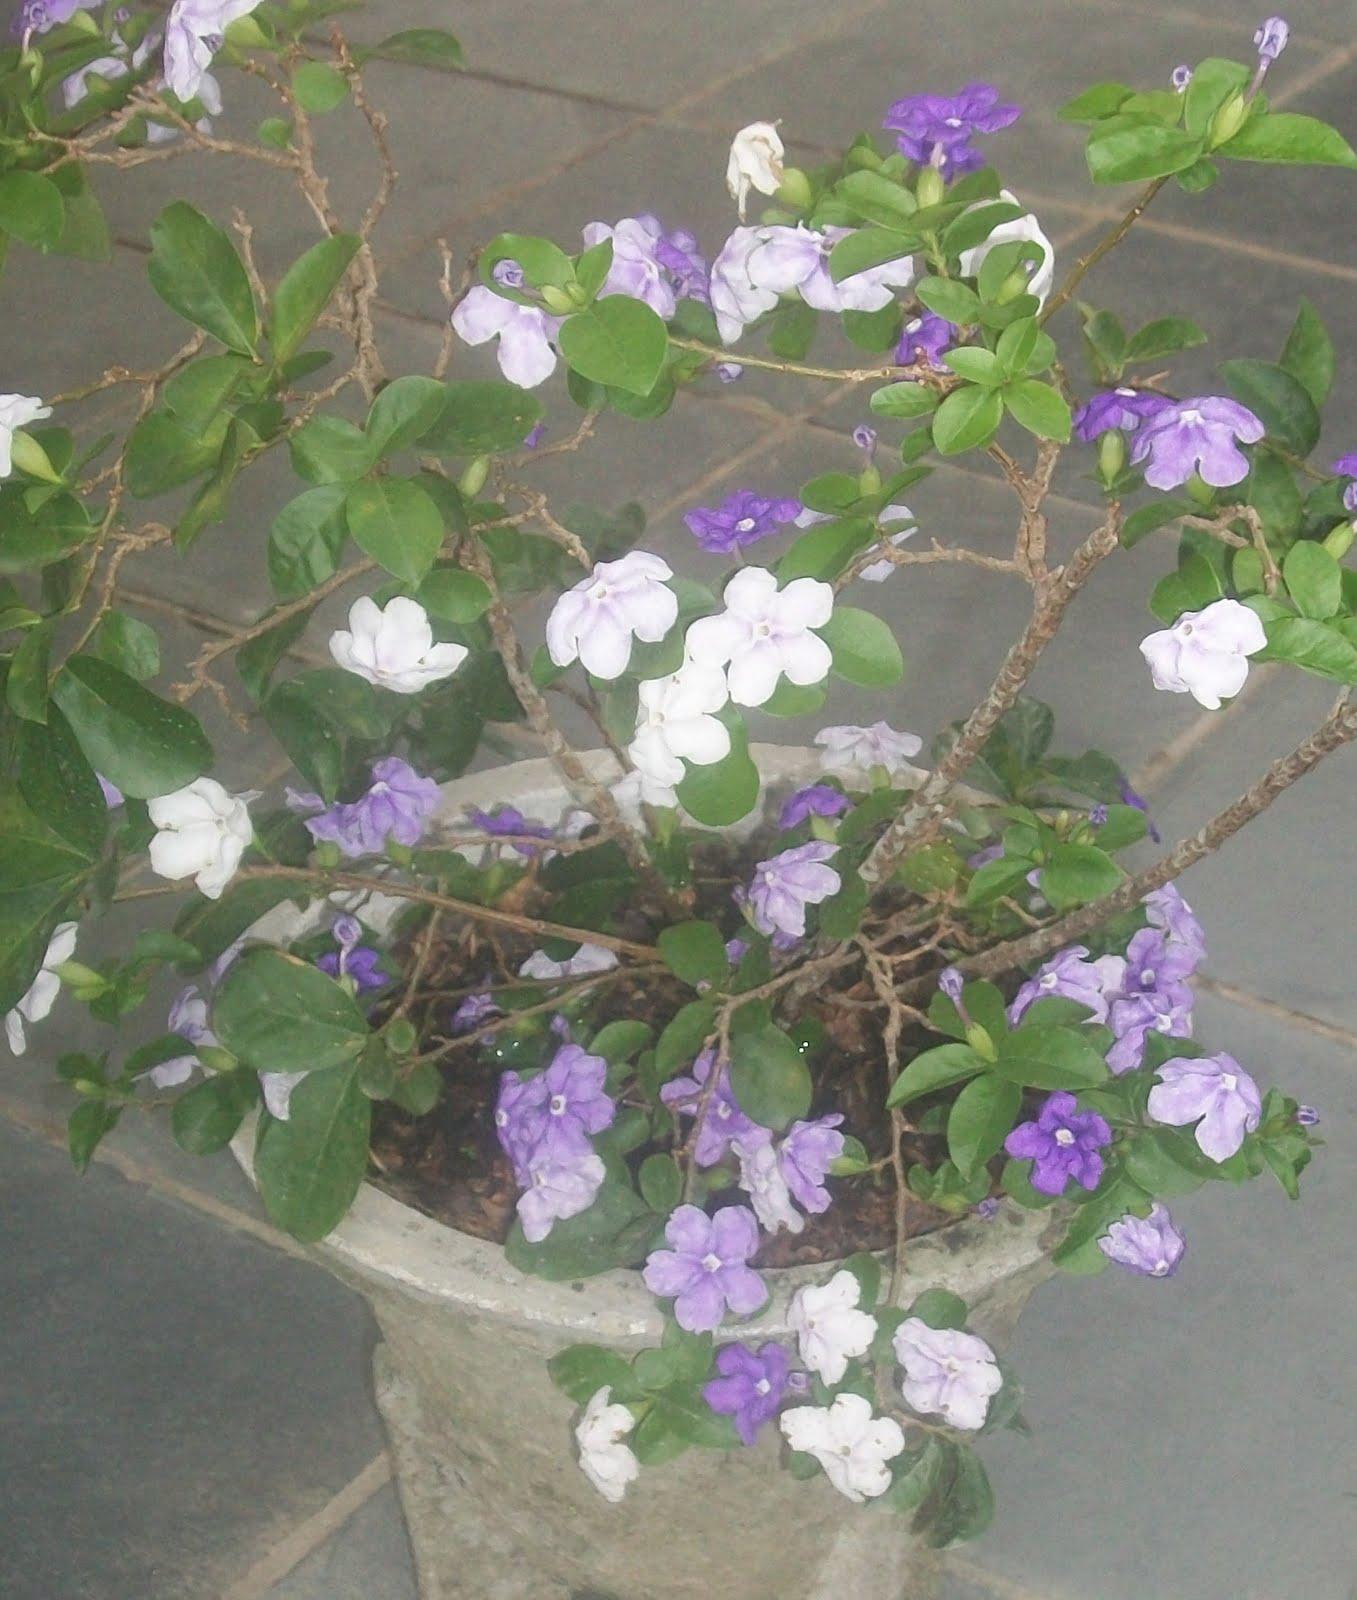 manaca de jardim em vaso : manaca de jardim em vaso:Cecilia Meireles – Leilão de Jardim)